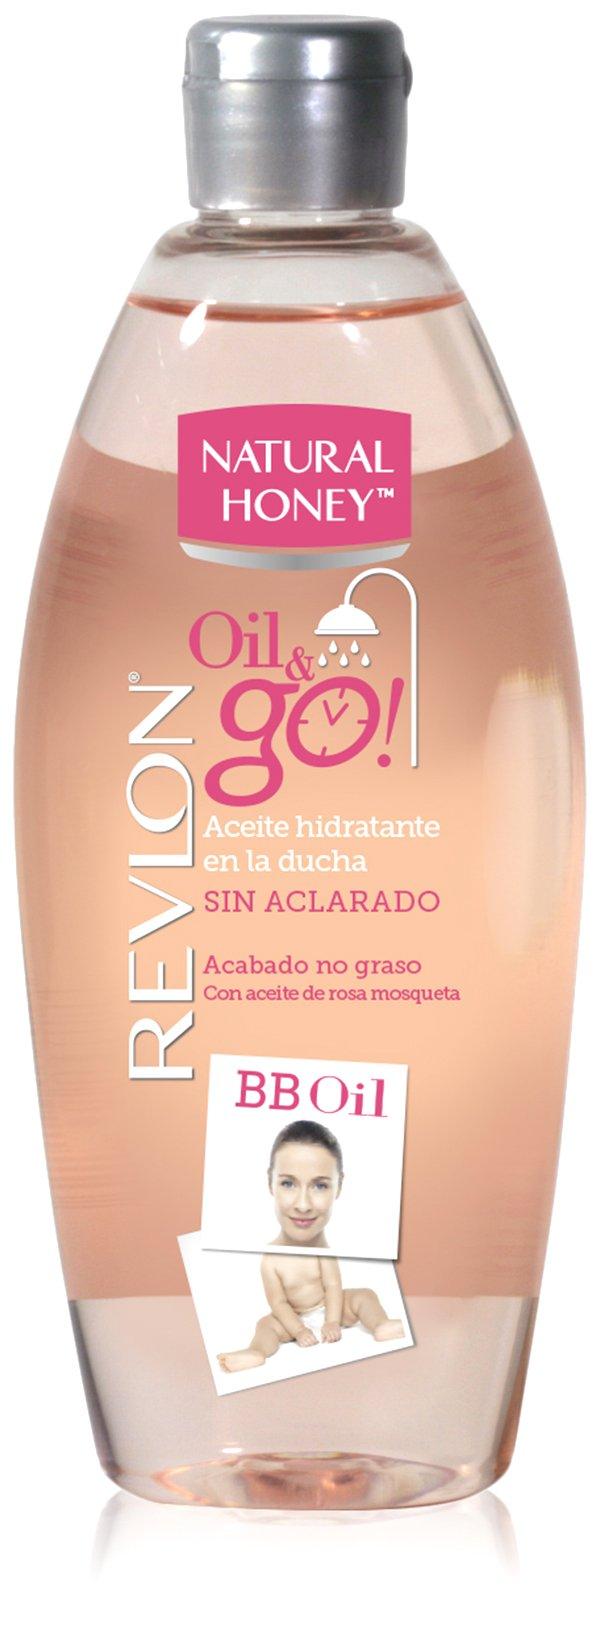 NATURAL HONEY 1018-37054 Revlon Oil Go - Aceite hidratante en la ducha sin aclarado